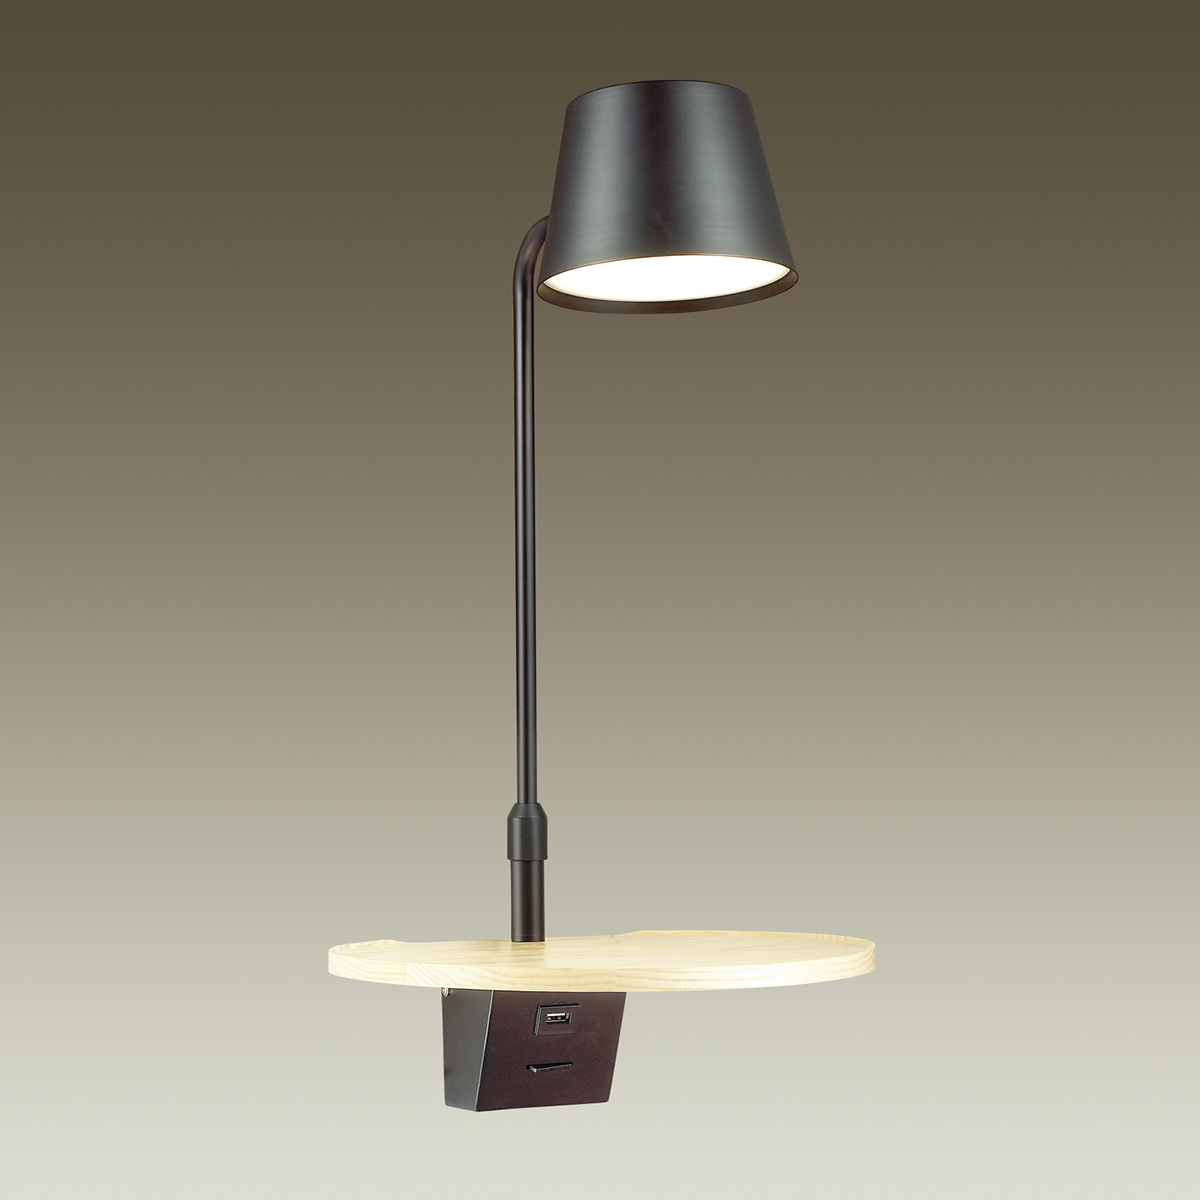 Светодиодное бра с полкой Odeon Light Sven 4163/6WL, LED 6W 3000K 200lm, черный, коричневый, дерево, металл, пластик - фото 2